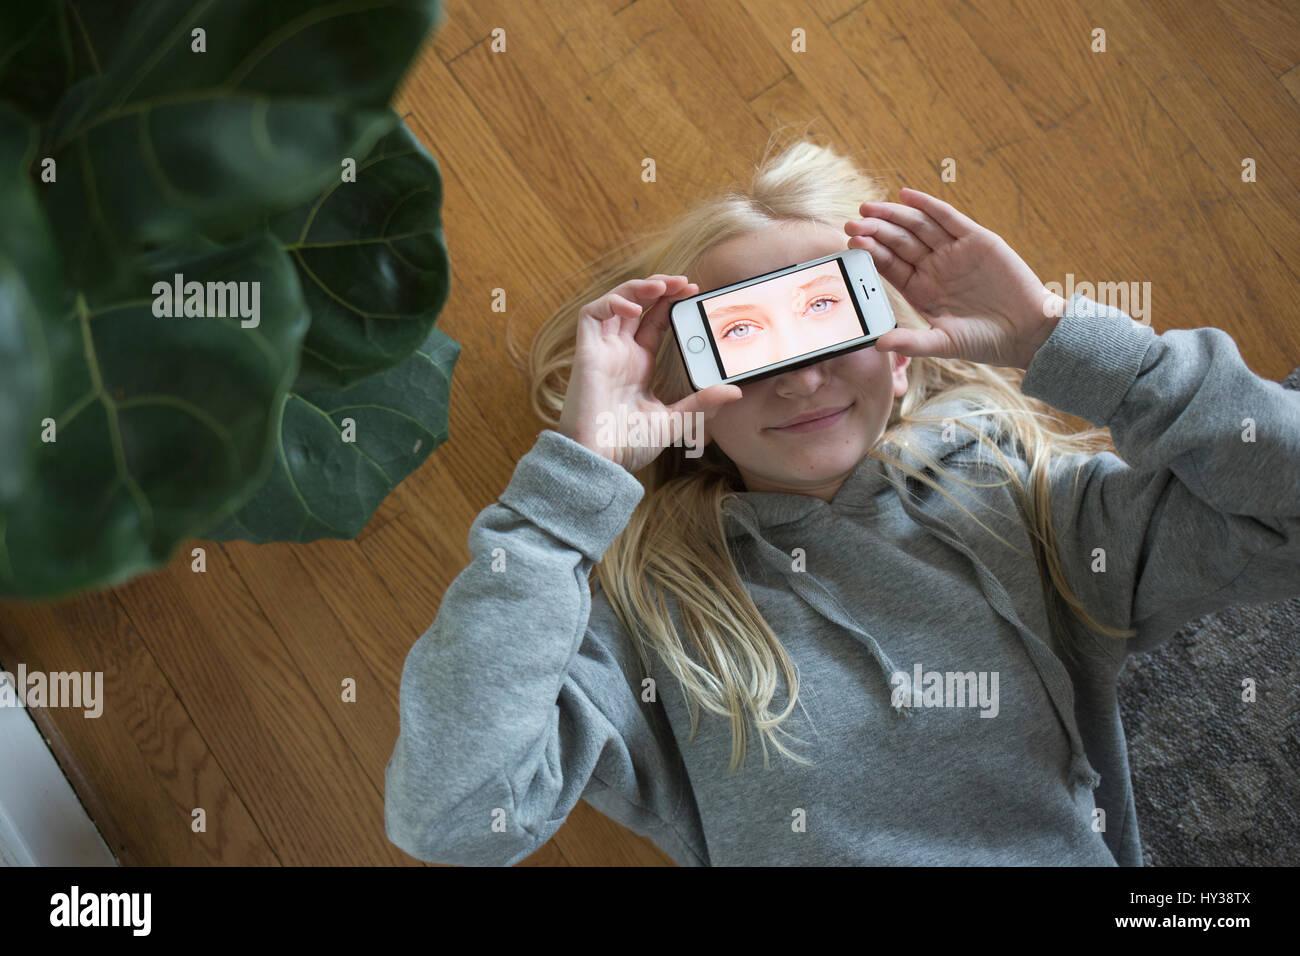 Schweden, Mädchen (12-13) liegen auf dem Boden und die Augen mit smart phone mit Augen auf dem Bildschirm Stockbild